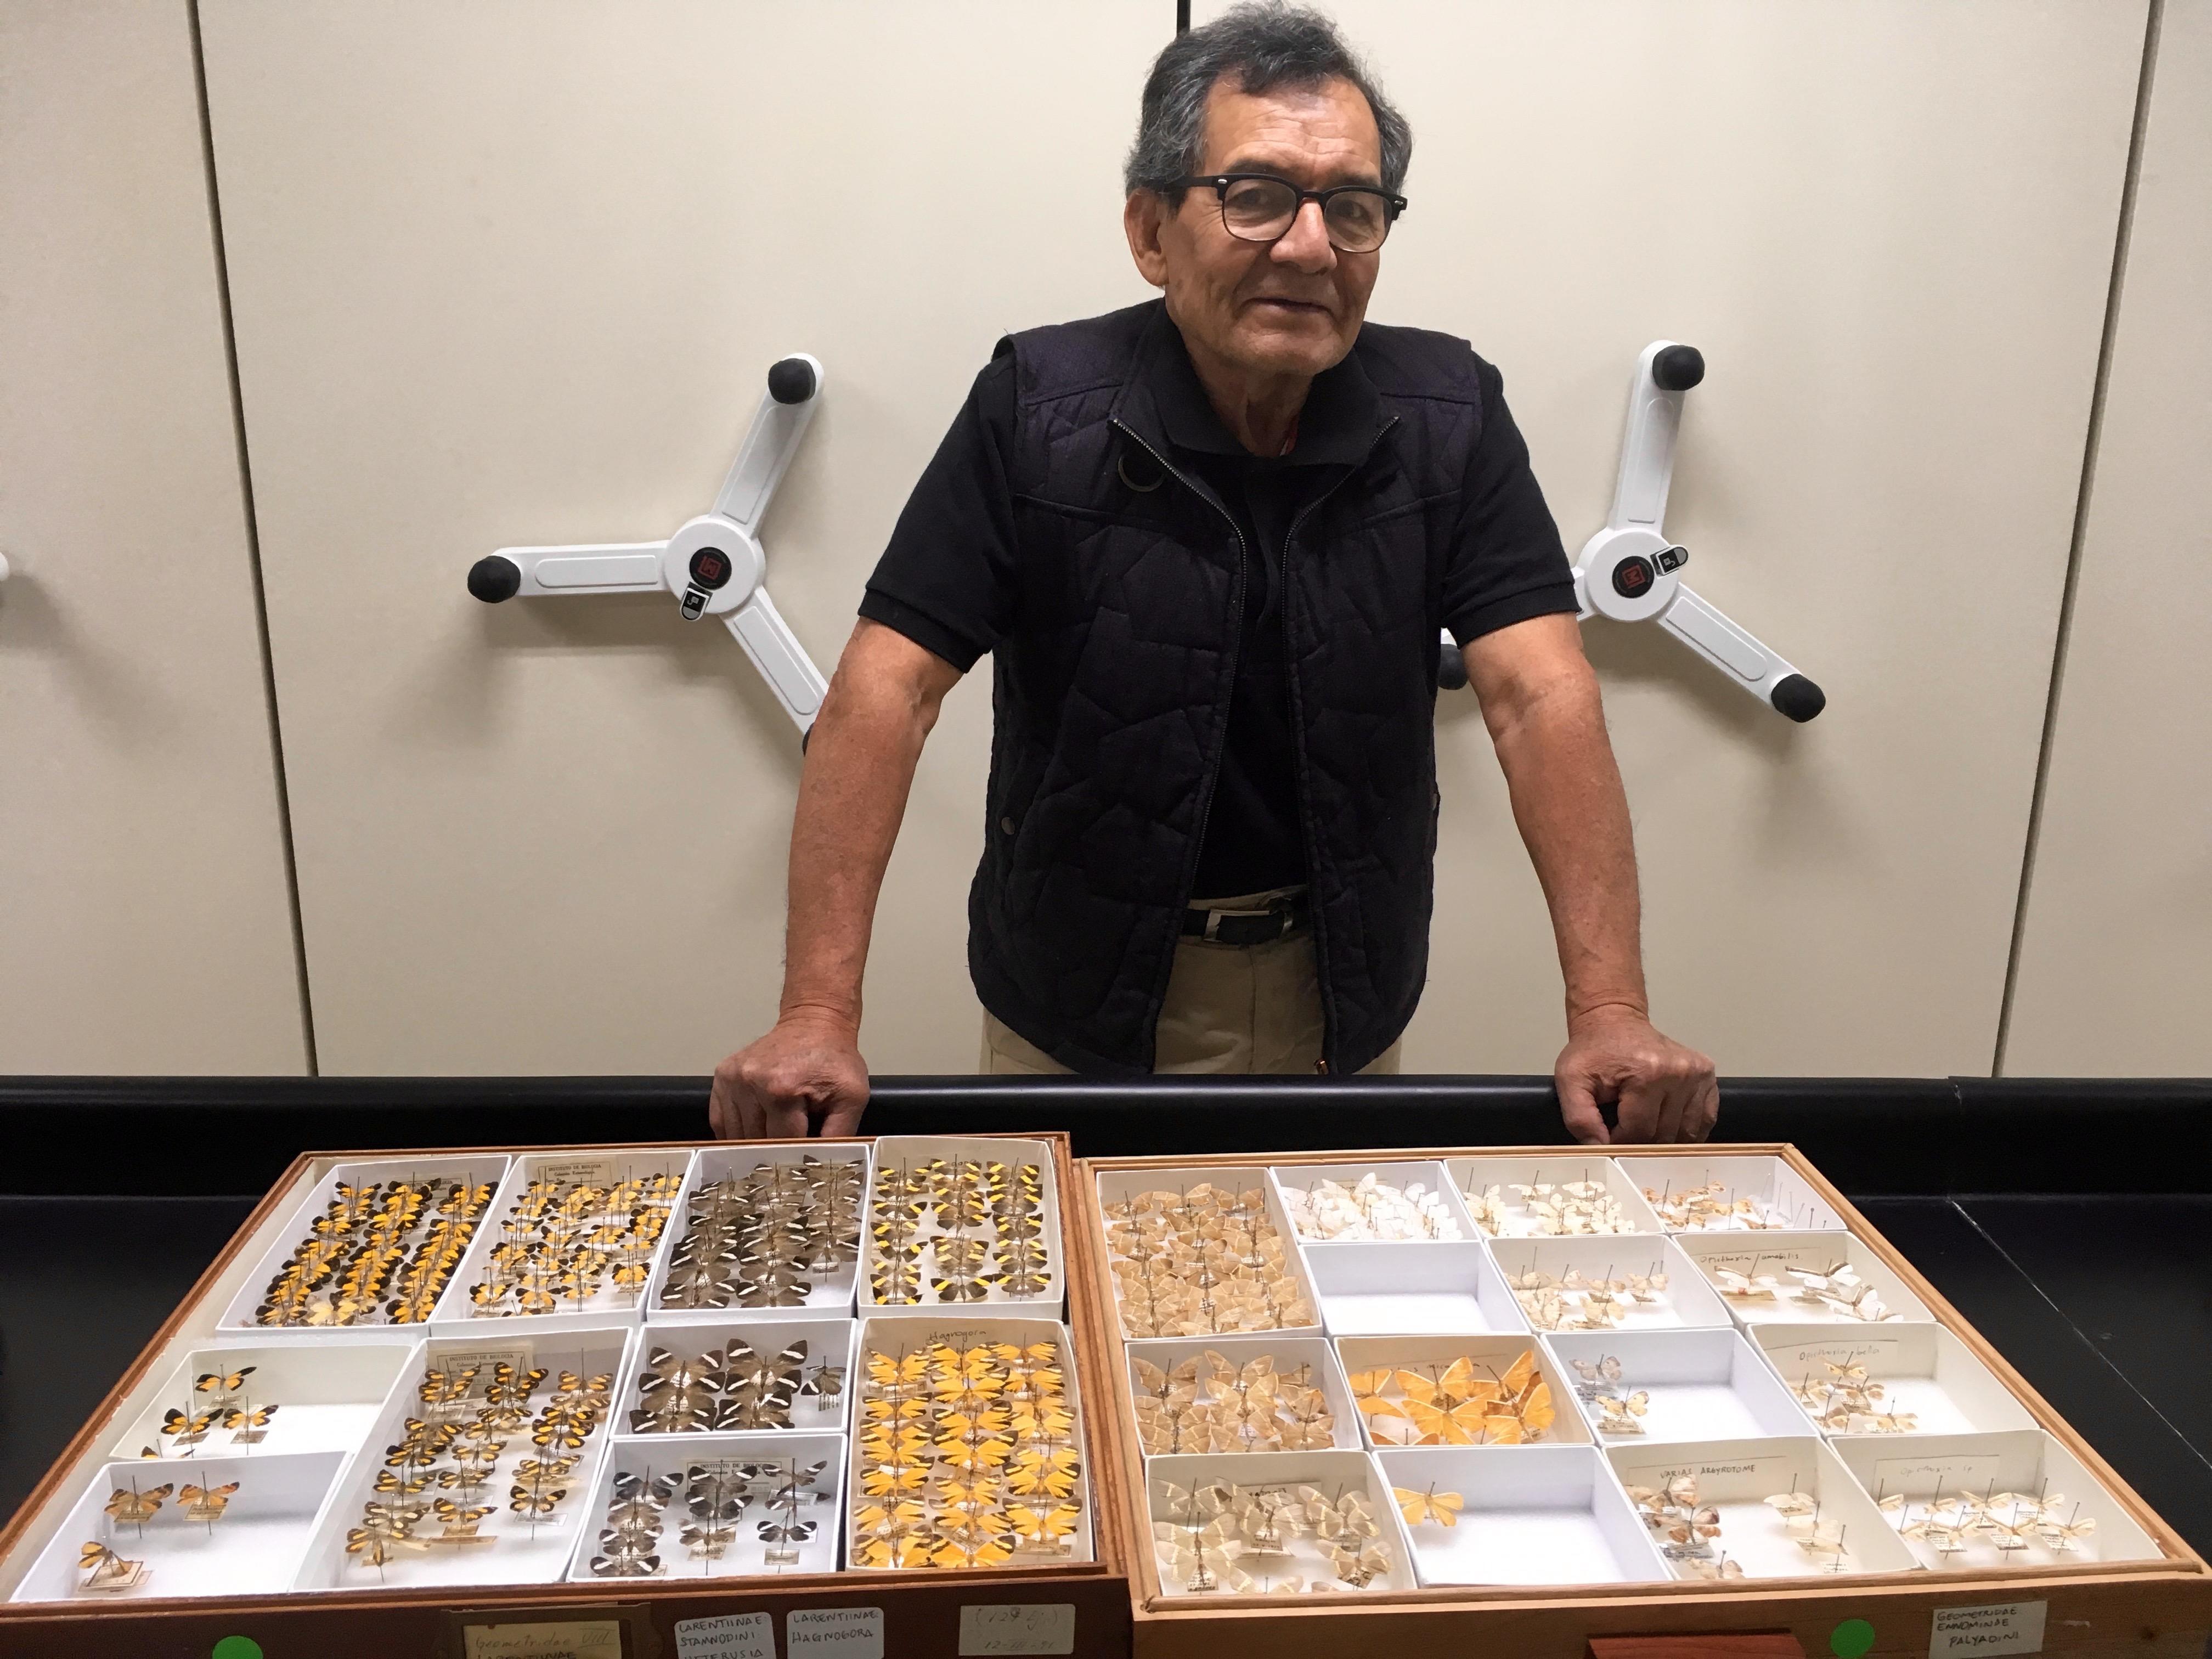 Técnico Adolfo Ibarra, Colección Nacional de Insectos de la UNAM